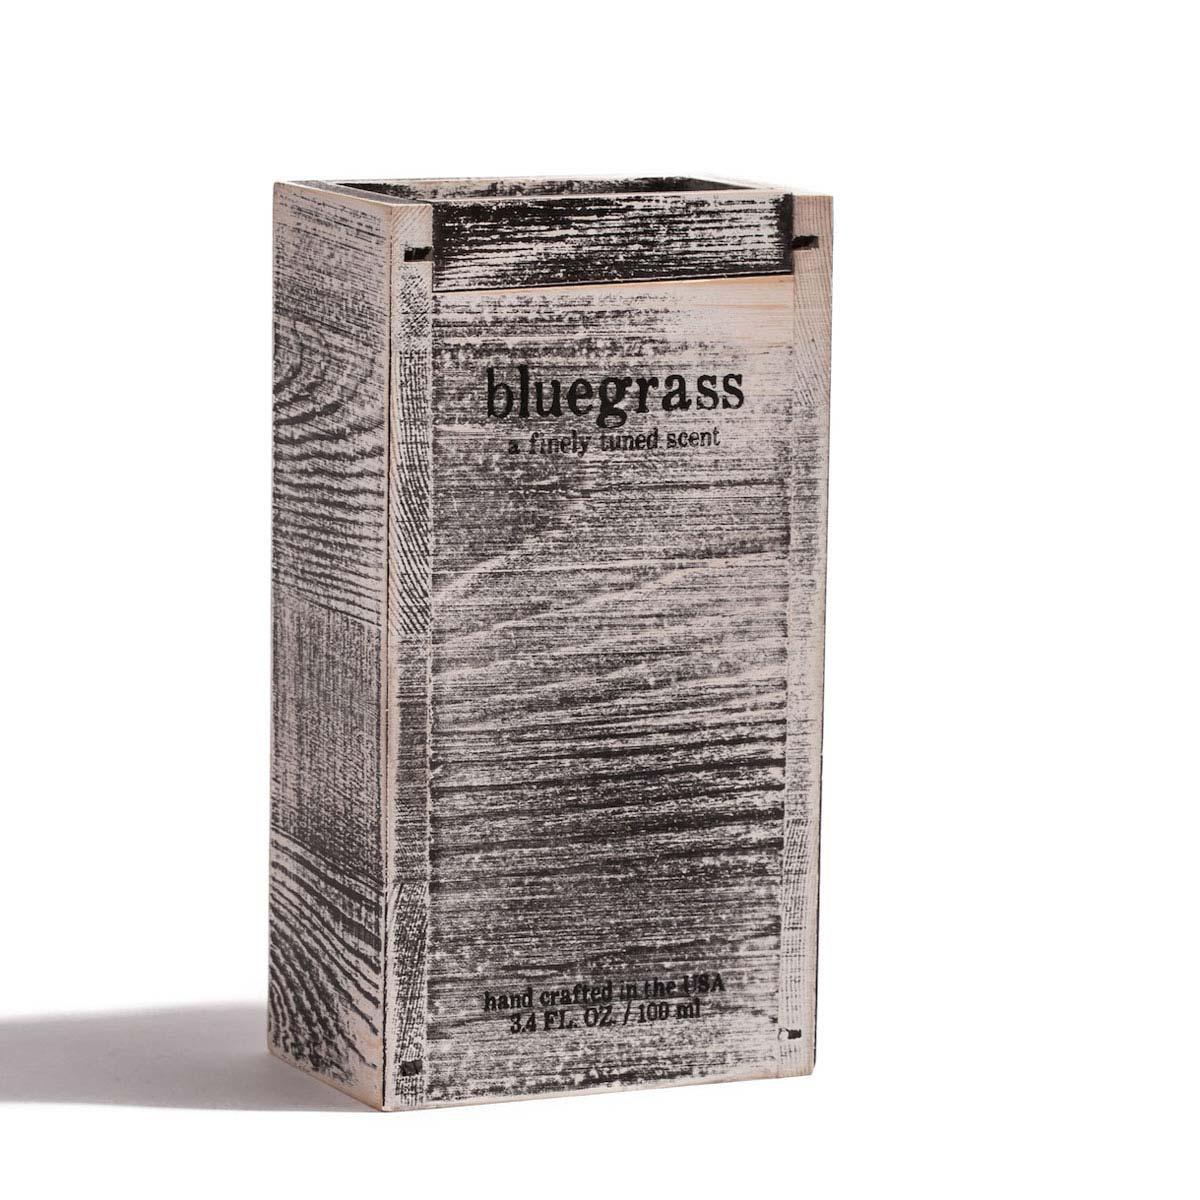 イーストウエストボトラーズ EASTWEST BOTTLERS 正規販売店 メンズ レディース 香水 ブルーグラスフレグランス BLUEGRASS FRAGRANCES PERFUME 100ml A19B B3C C3D D0E E07F